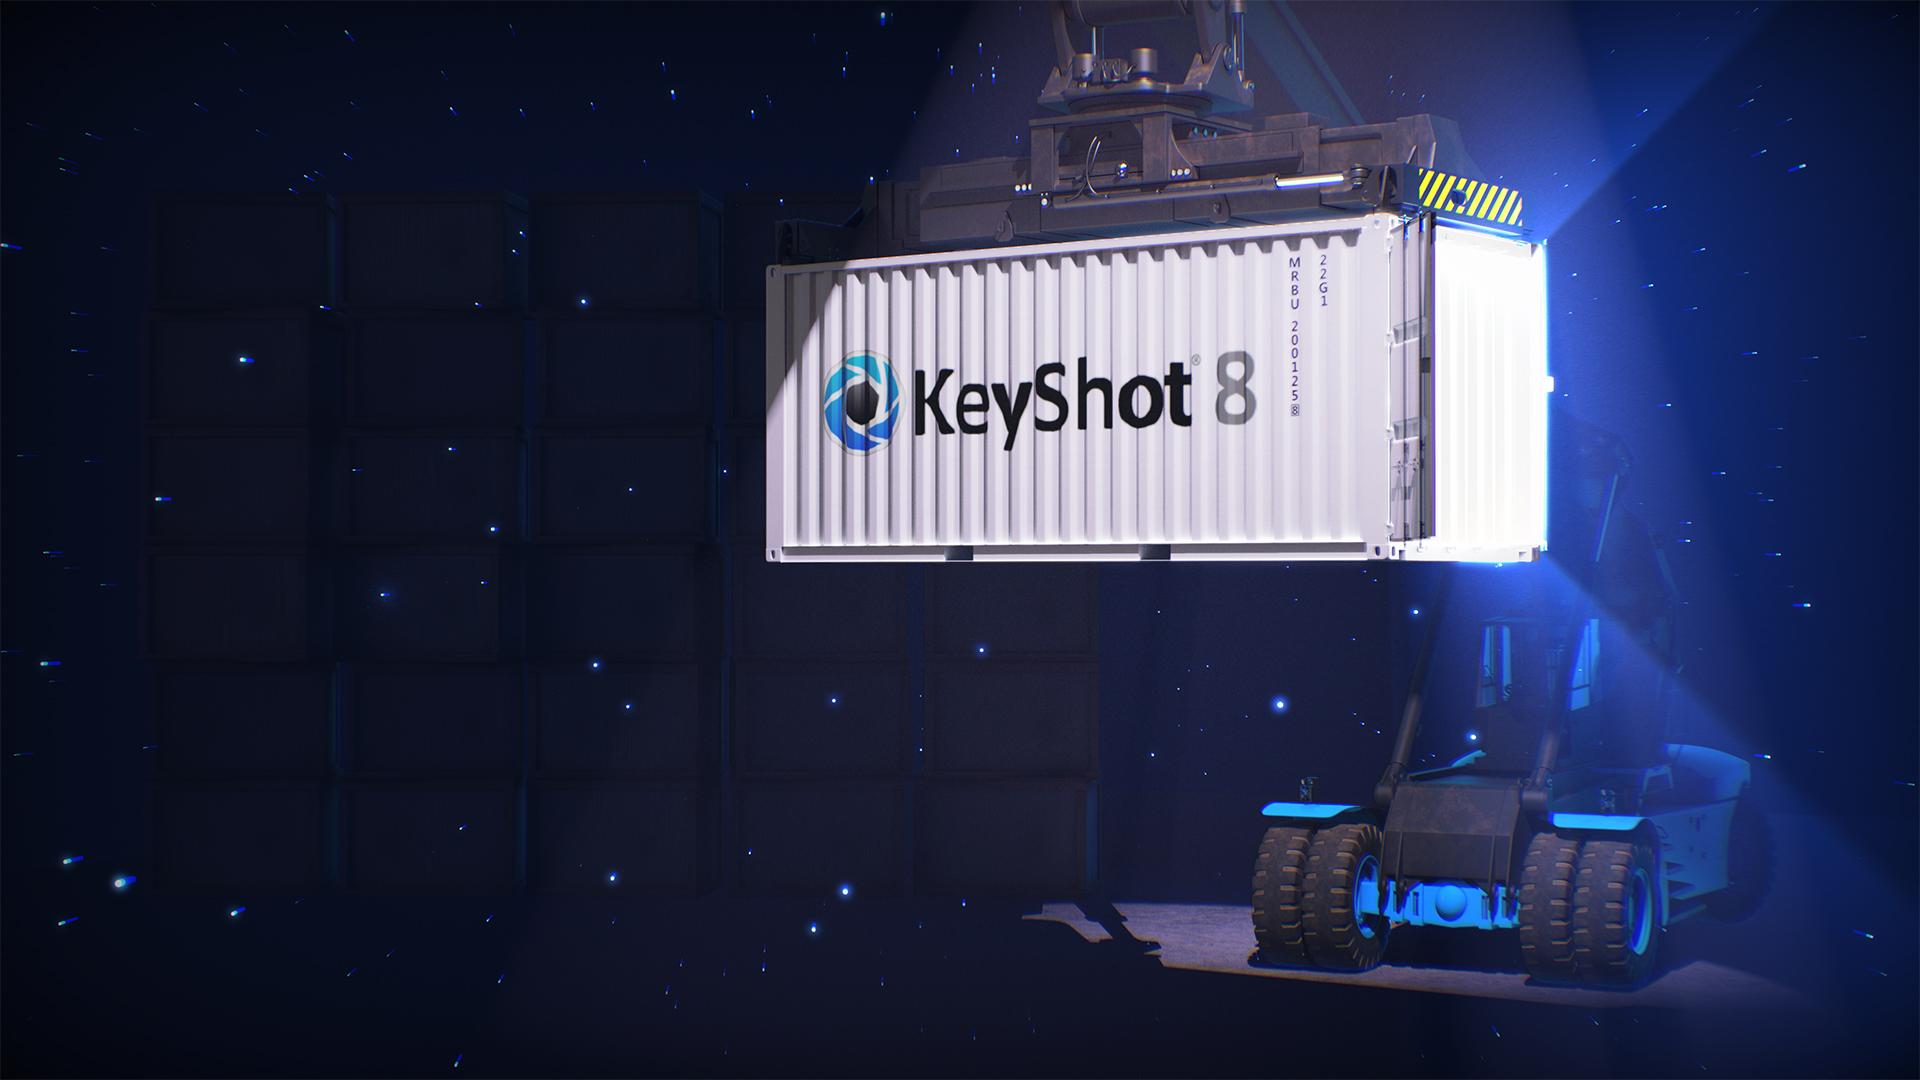 keyshot 8